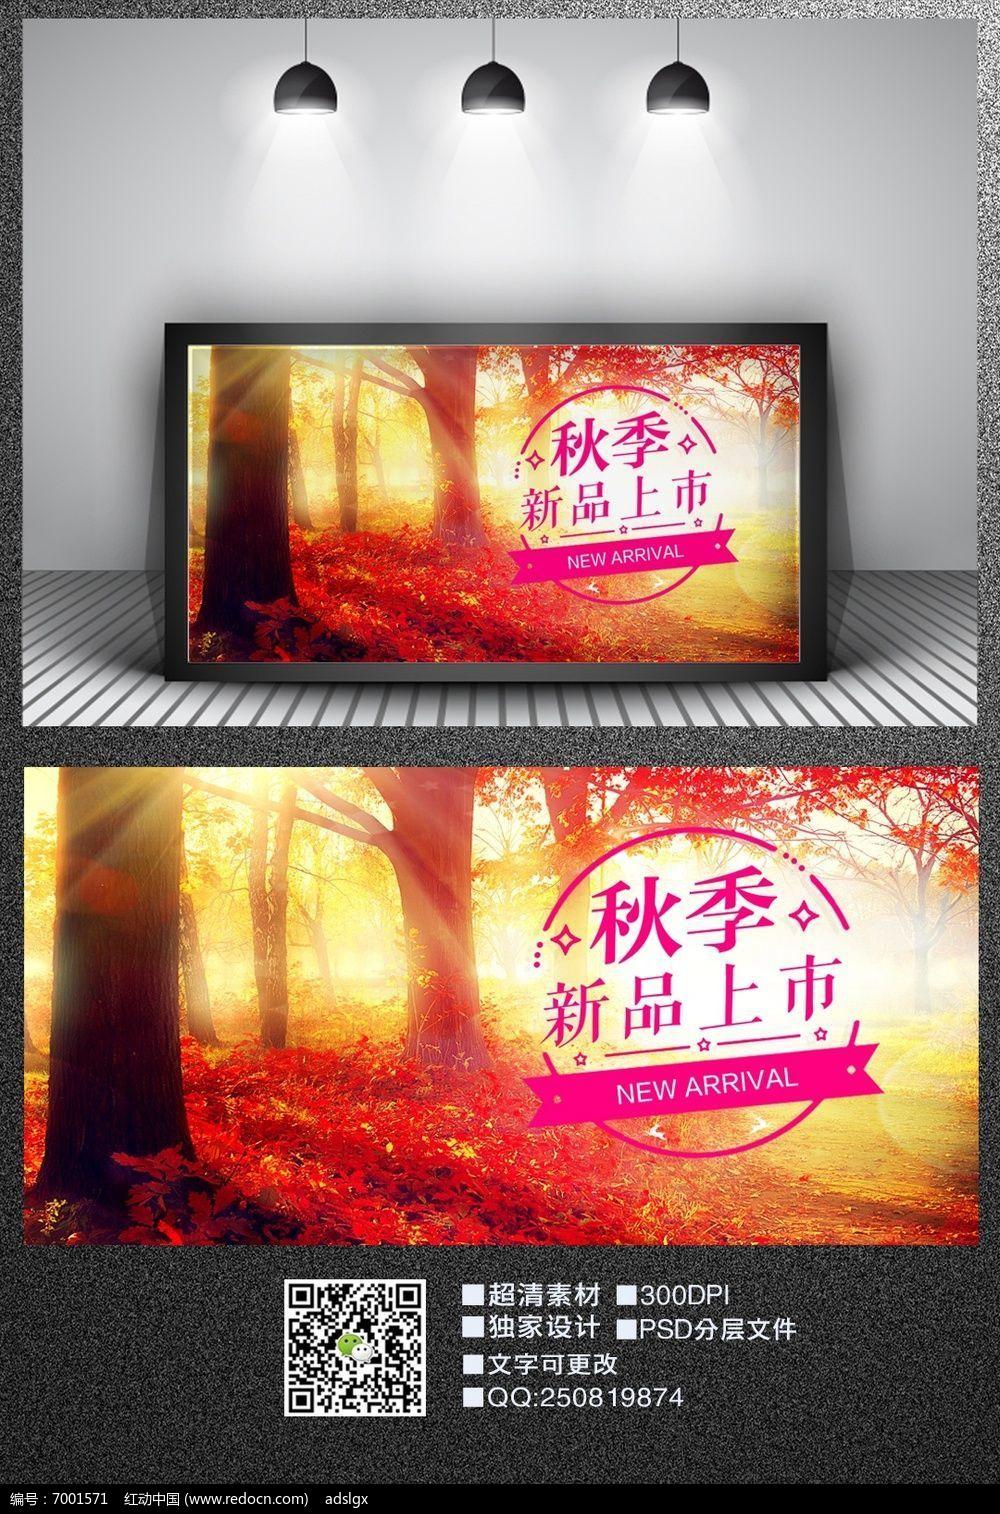 秋季新品上市促销海报素材